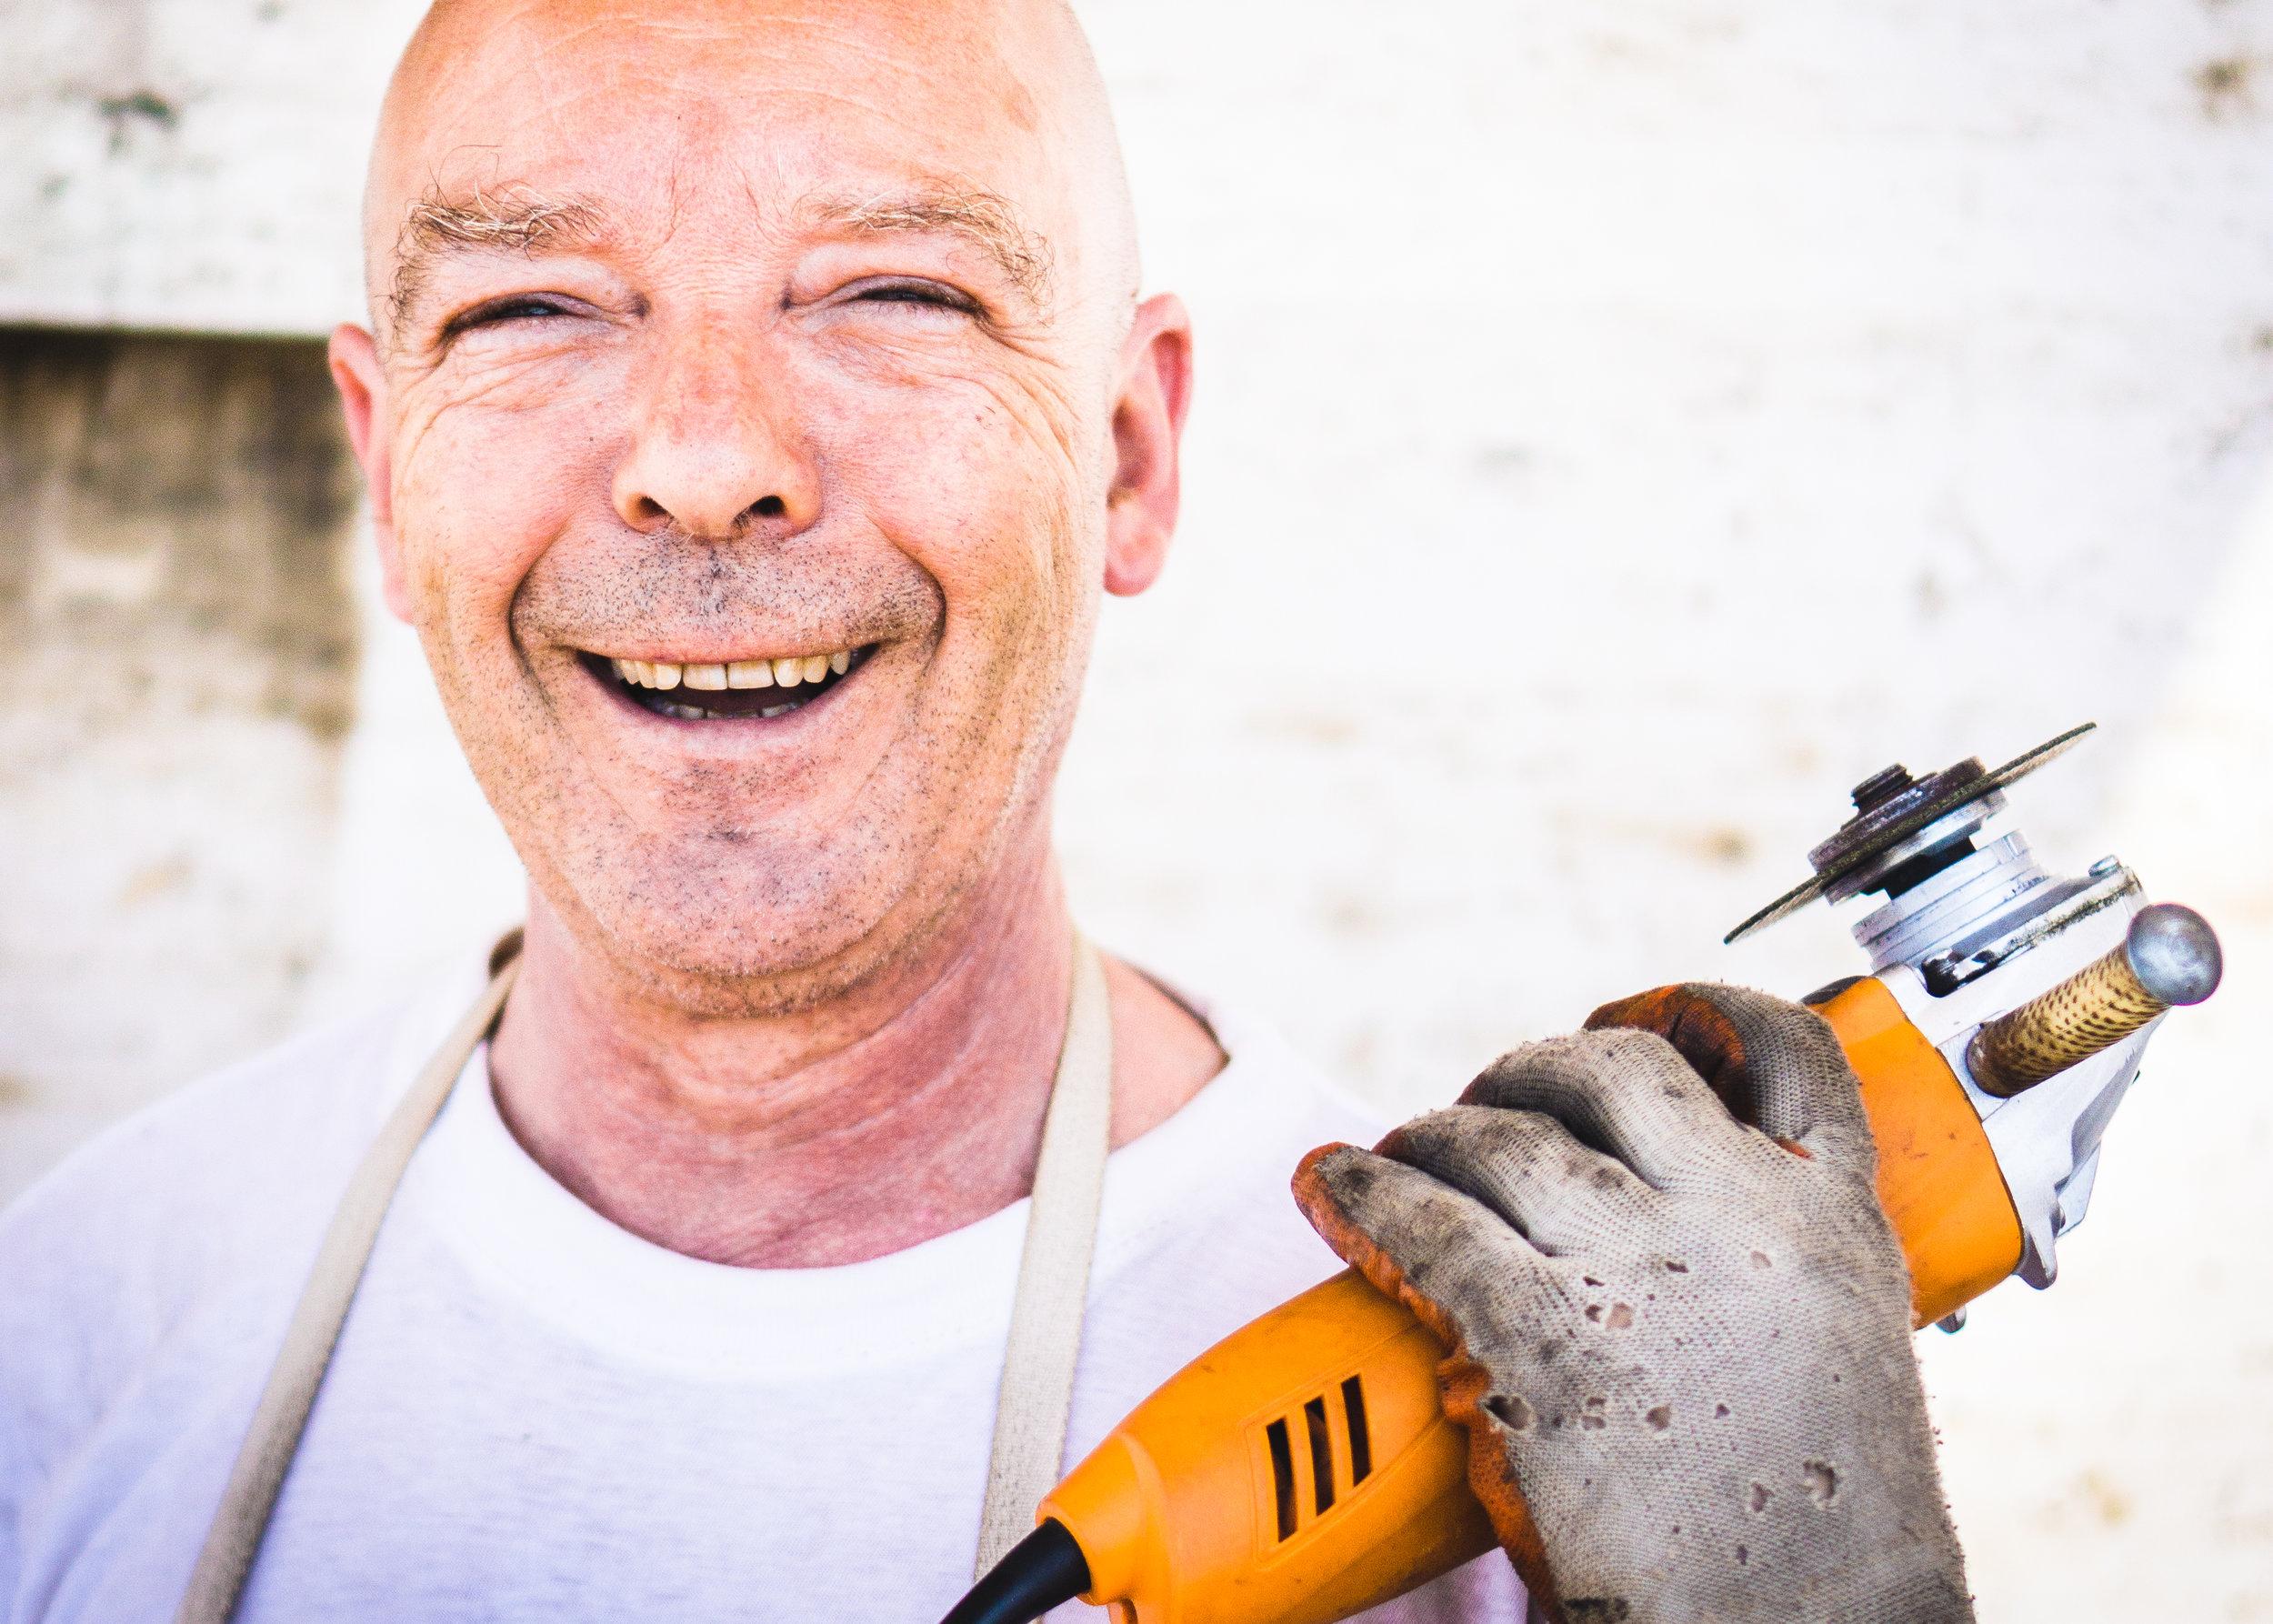 Older_Working_Man.jpeg